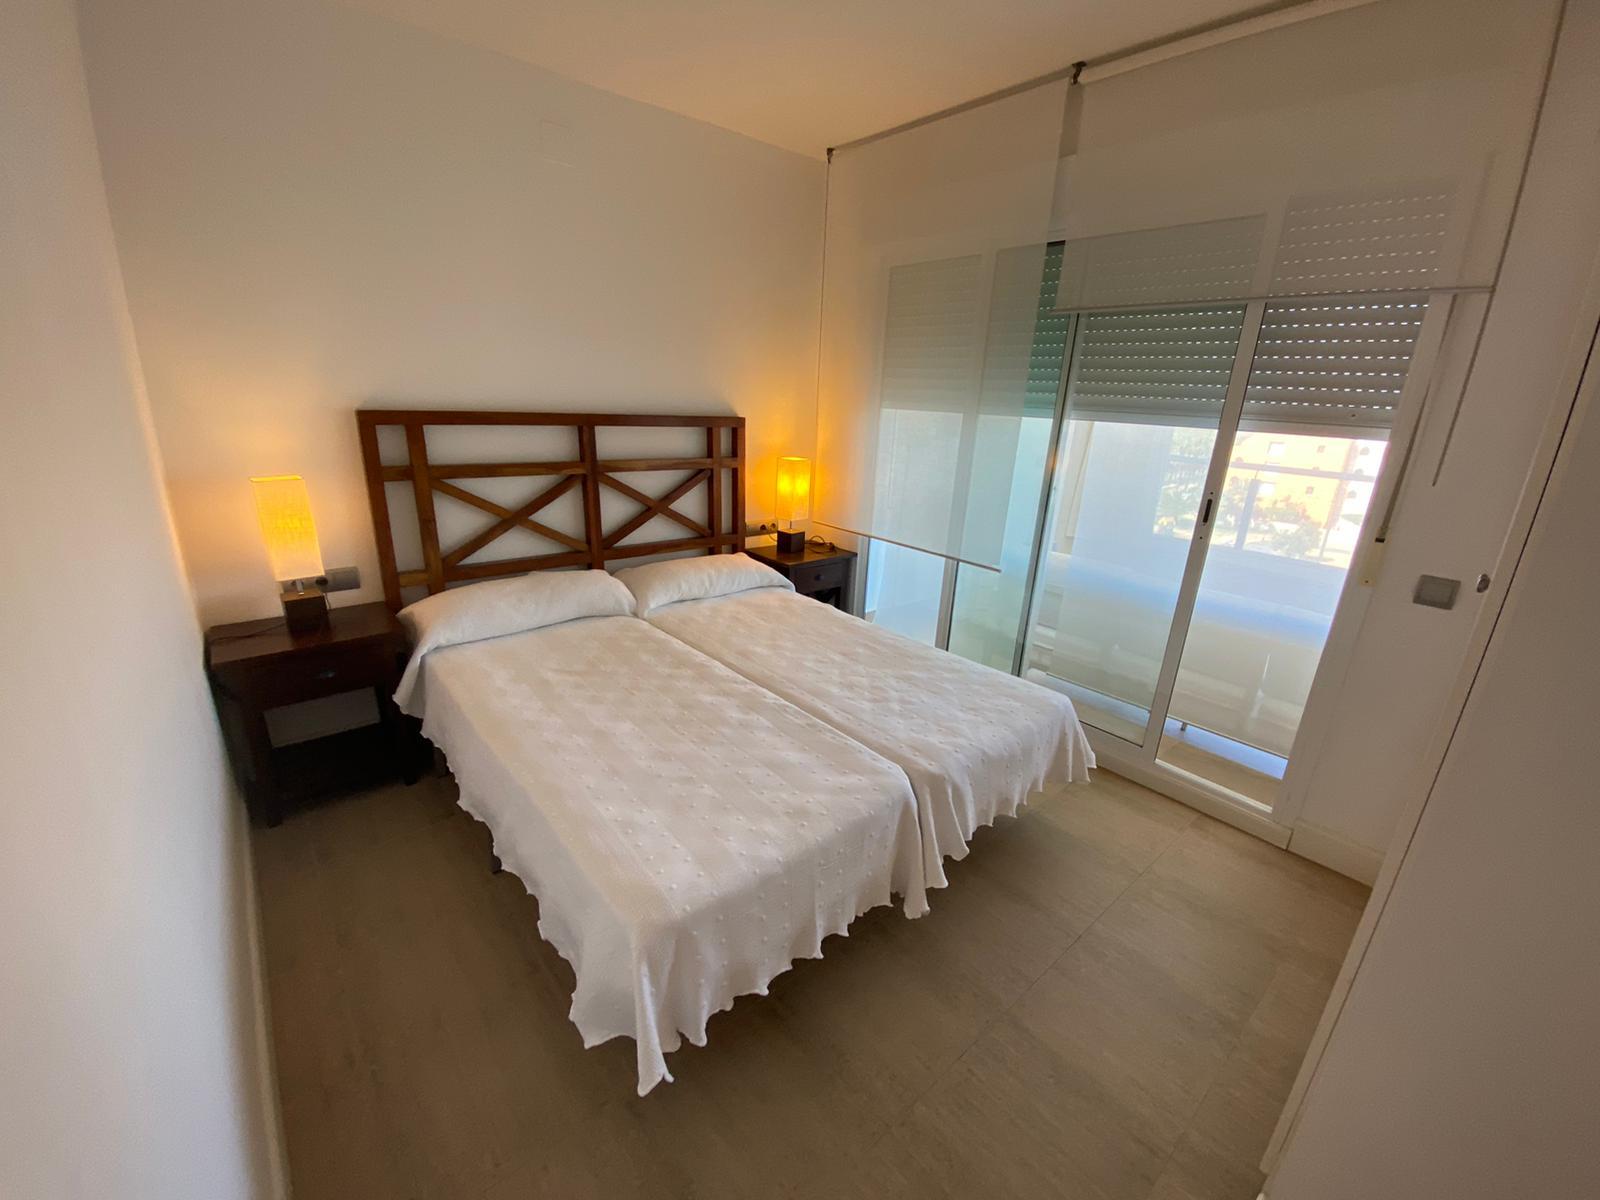 Imagen 26 del Apartamento Turístico, Ático 1 Poniente (3d+2b), Punta del Moral (HUELVA), Paseo de la Cruz nº22